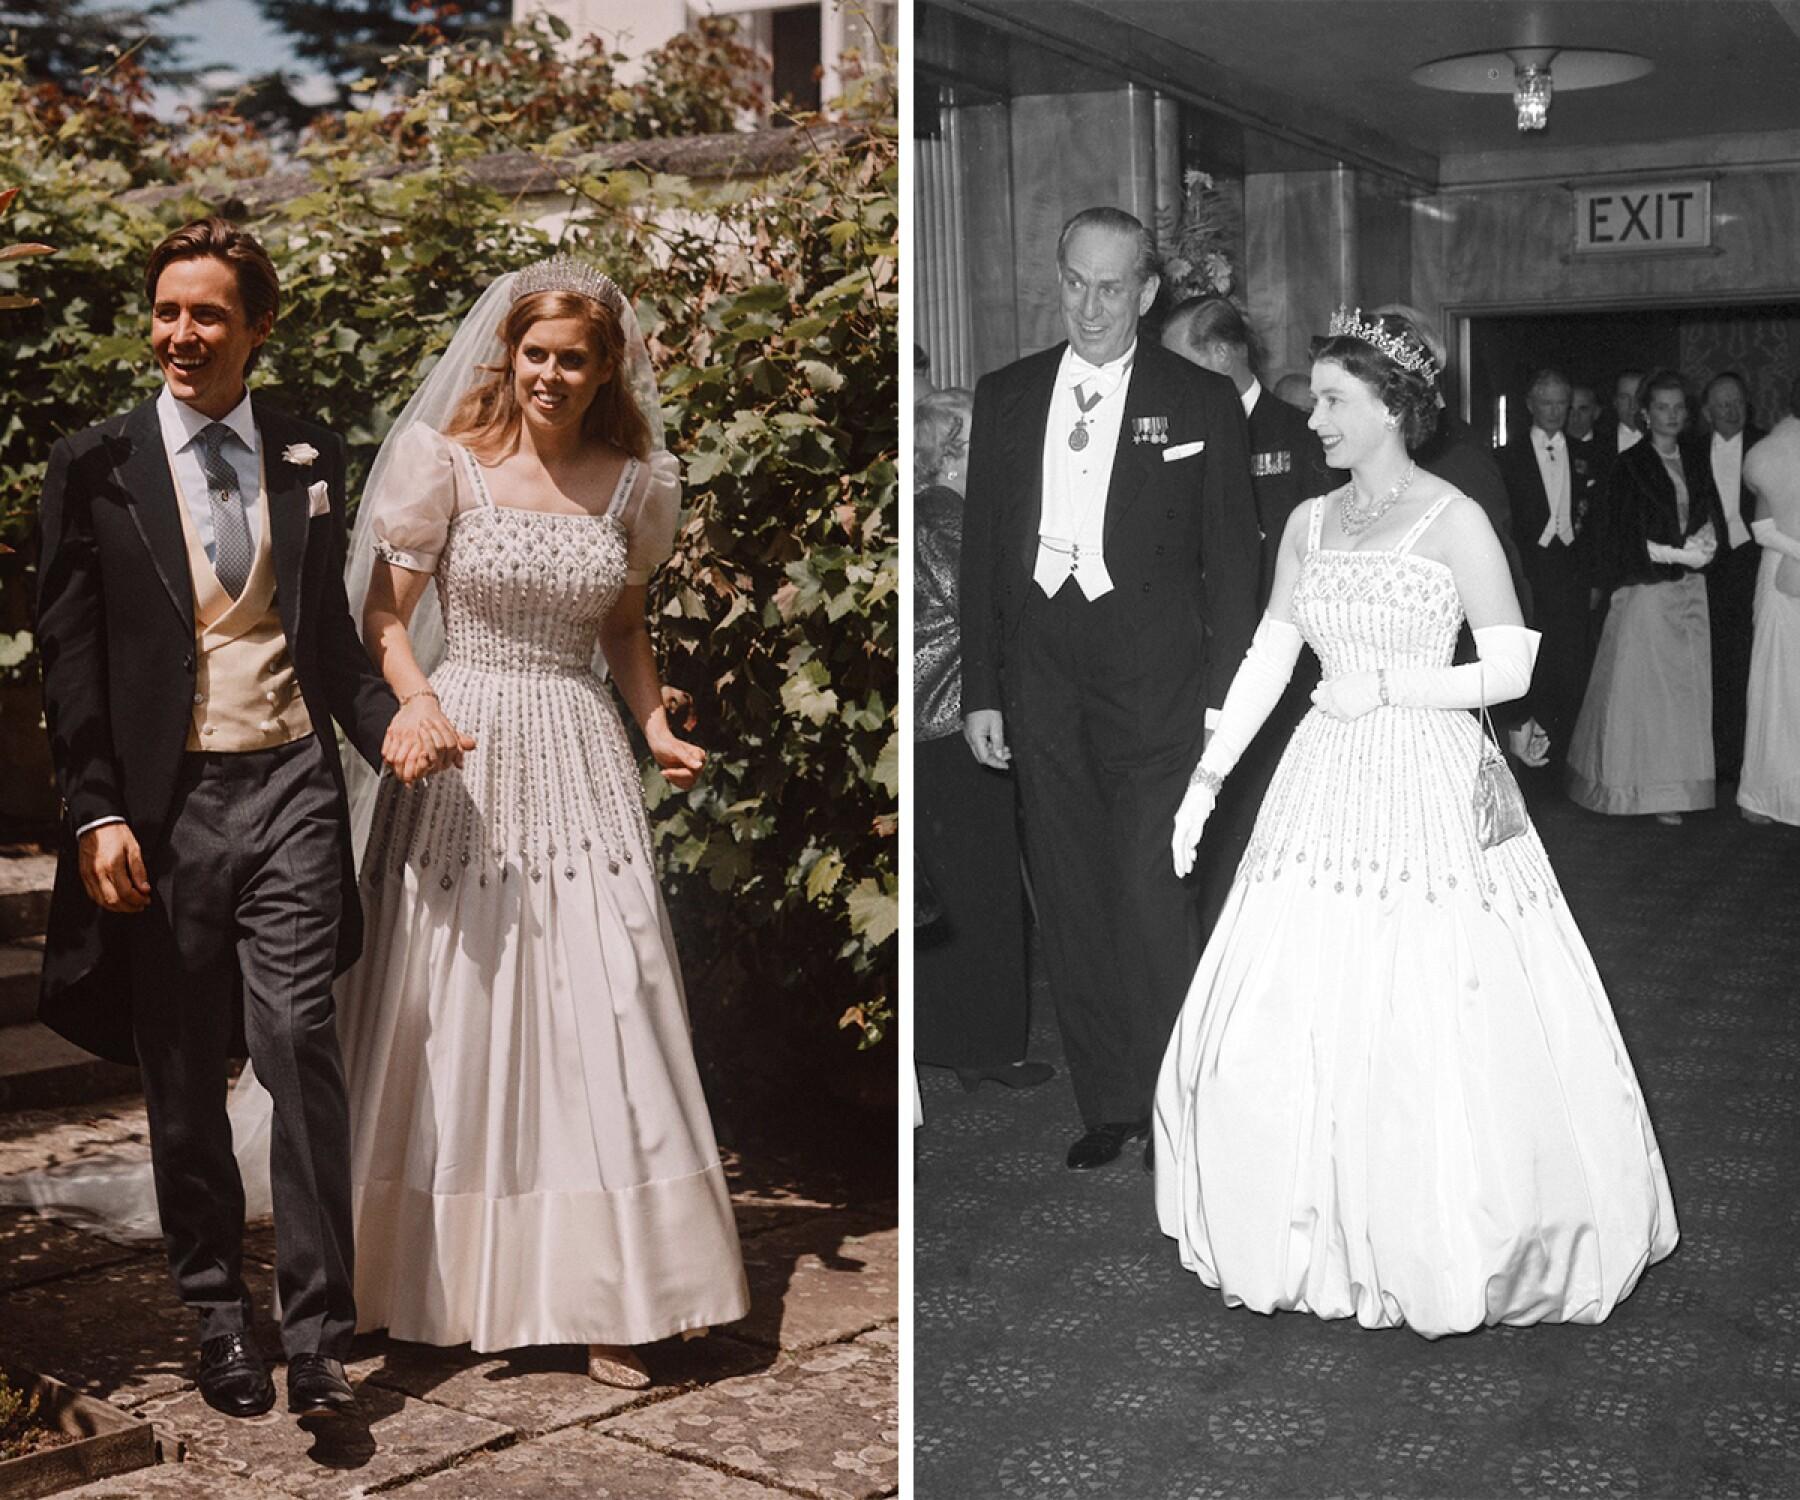 La Historia Del Vestido Que La Princesa Beatriz Usó En Su Boda Y Que Perteneció A La Reina Isabel